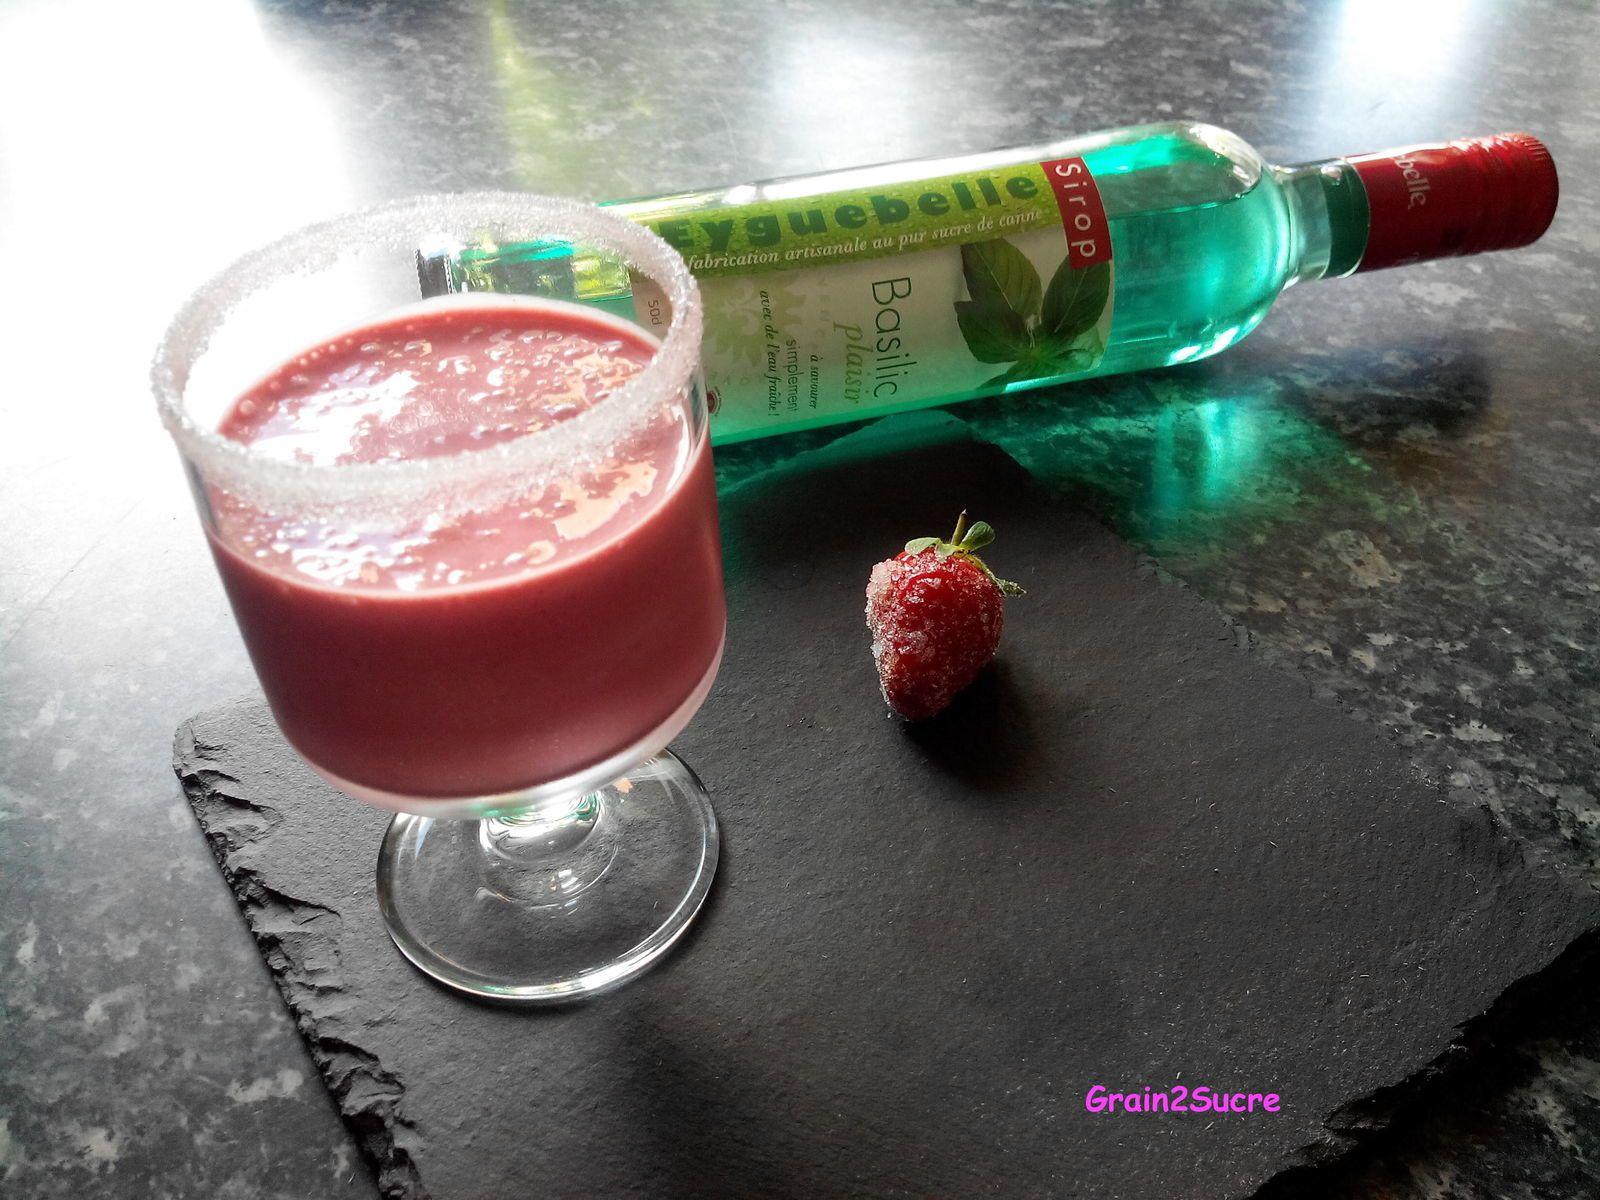 Recette Grain2Sucre. Smoothie fraise basilic, fraises, jus d'orange, sucre, glaçons, sirop de basilic.